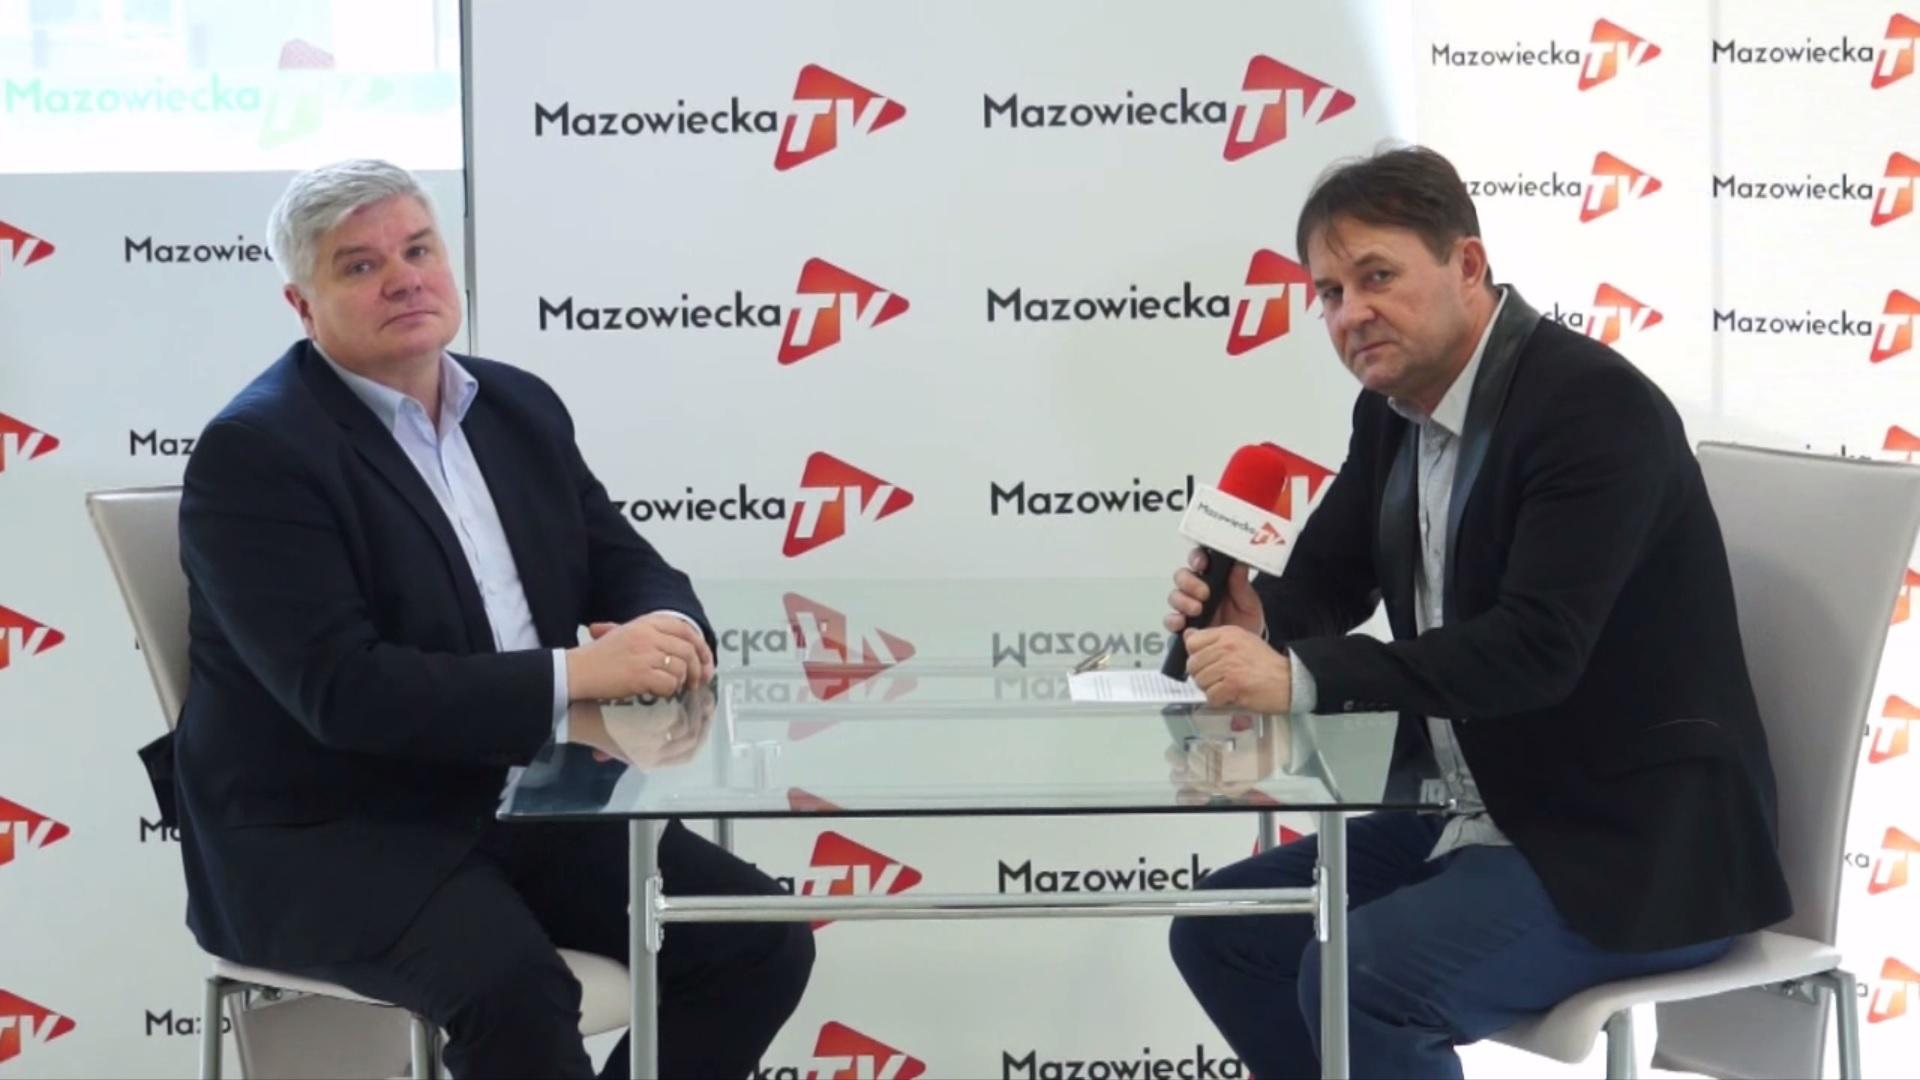 Wywiad z dr. Maciejem Laskiem na temat katastrofy smoleńskiej